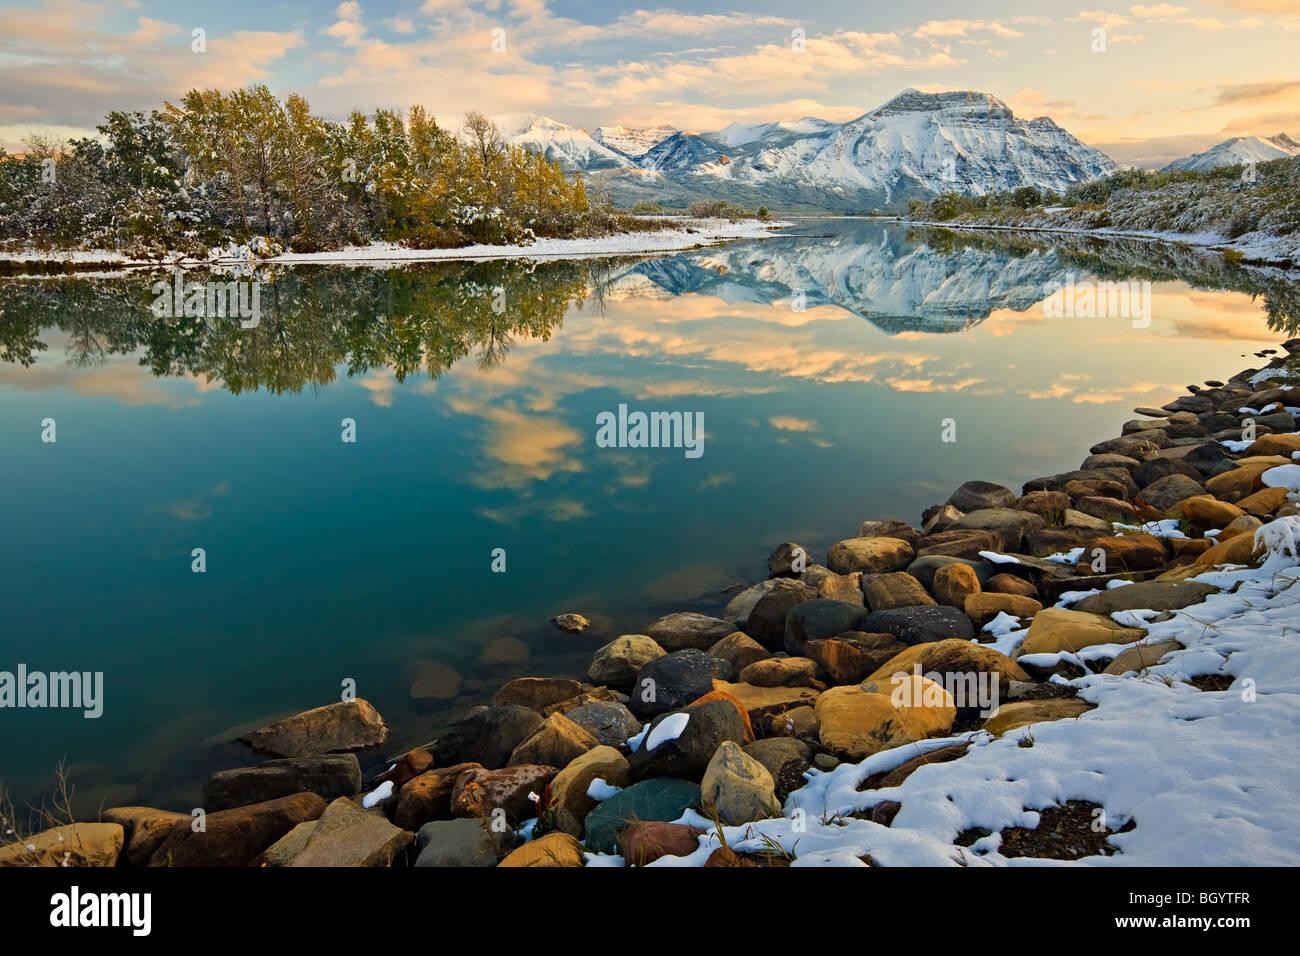 Le riflessioni di Mt Vimy sul basso Lago di Waterton (cavaliere del Lago) al tramonto nel Parco Nazionale dei laghi di Waterton (patrimonio mondiale dell UNESCO Foto Stock